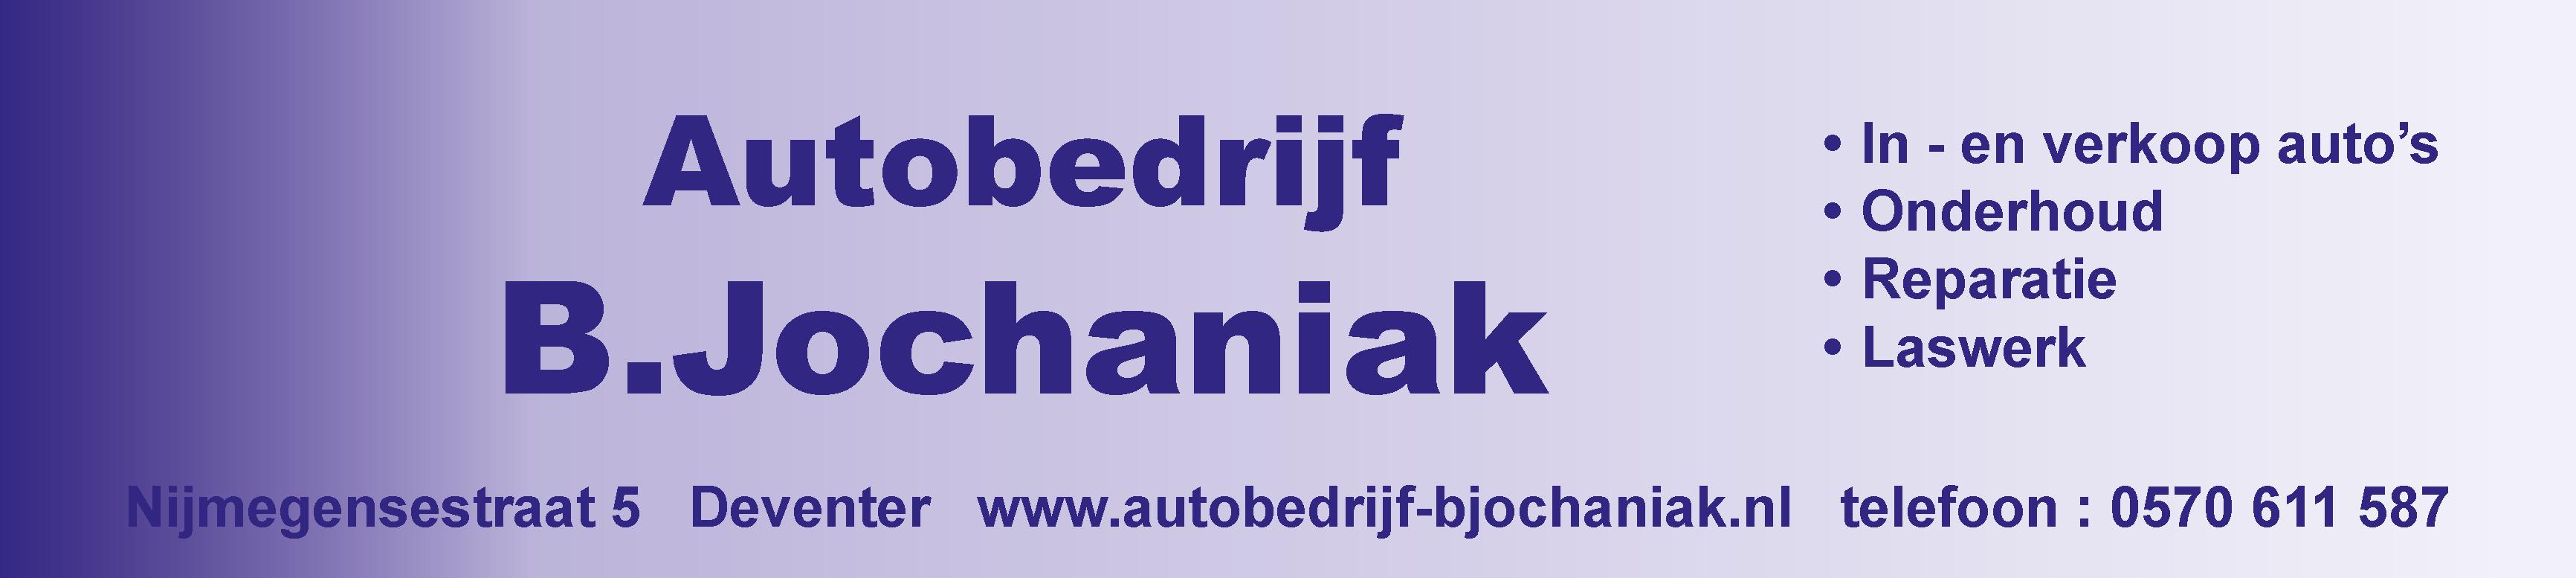 Autobedrijf B. Jochaniak